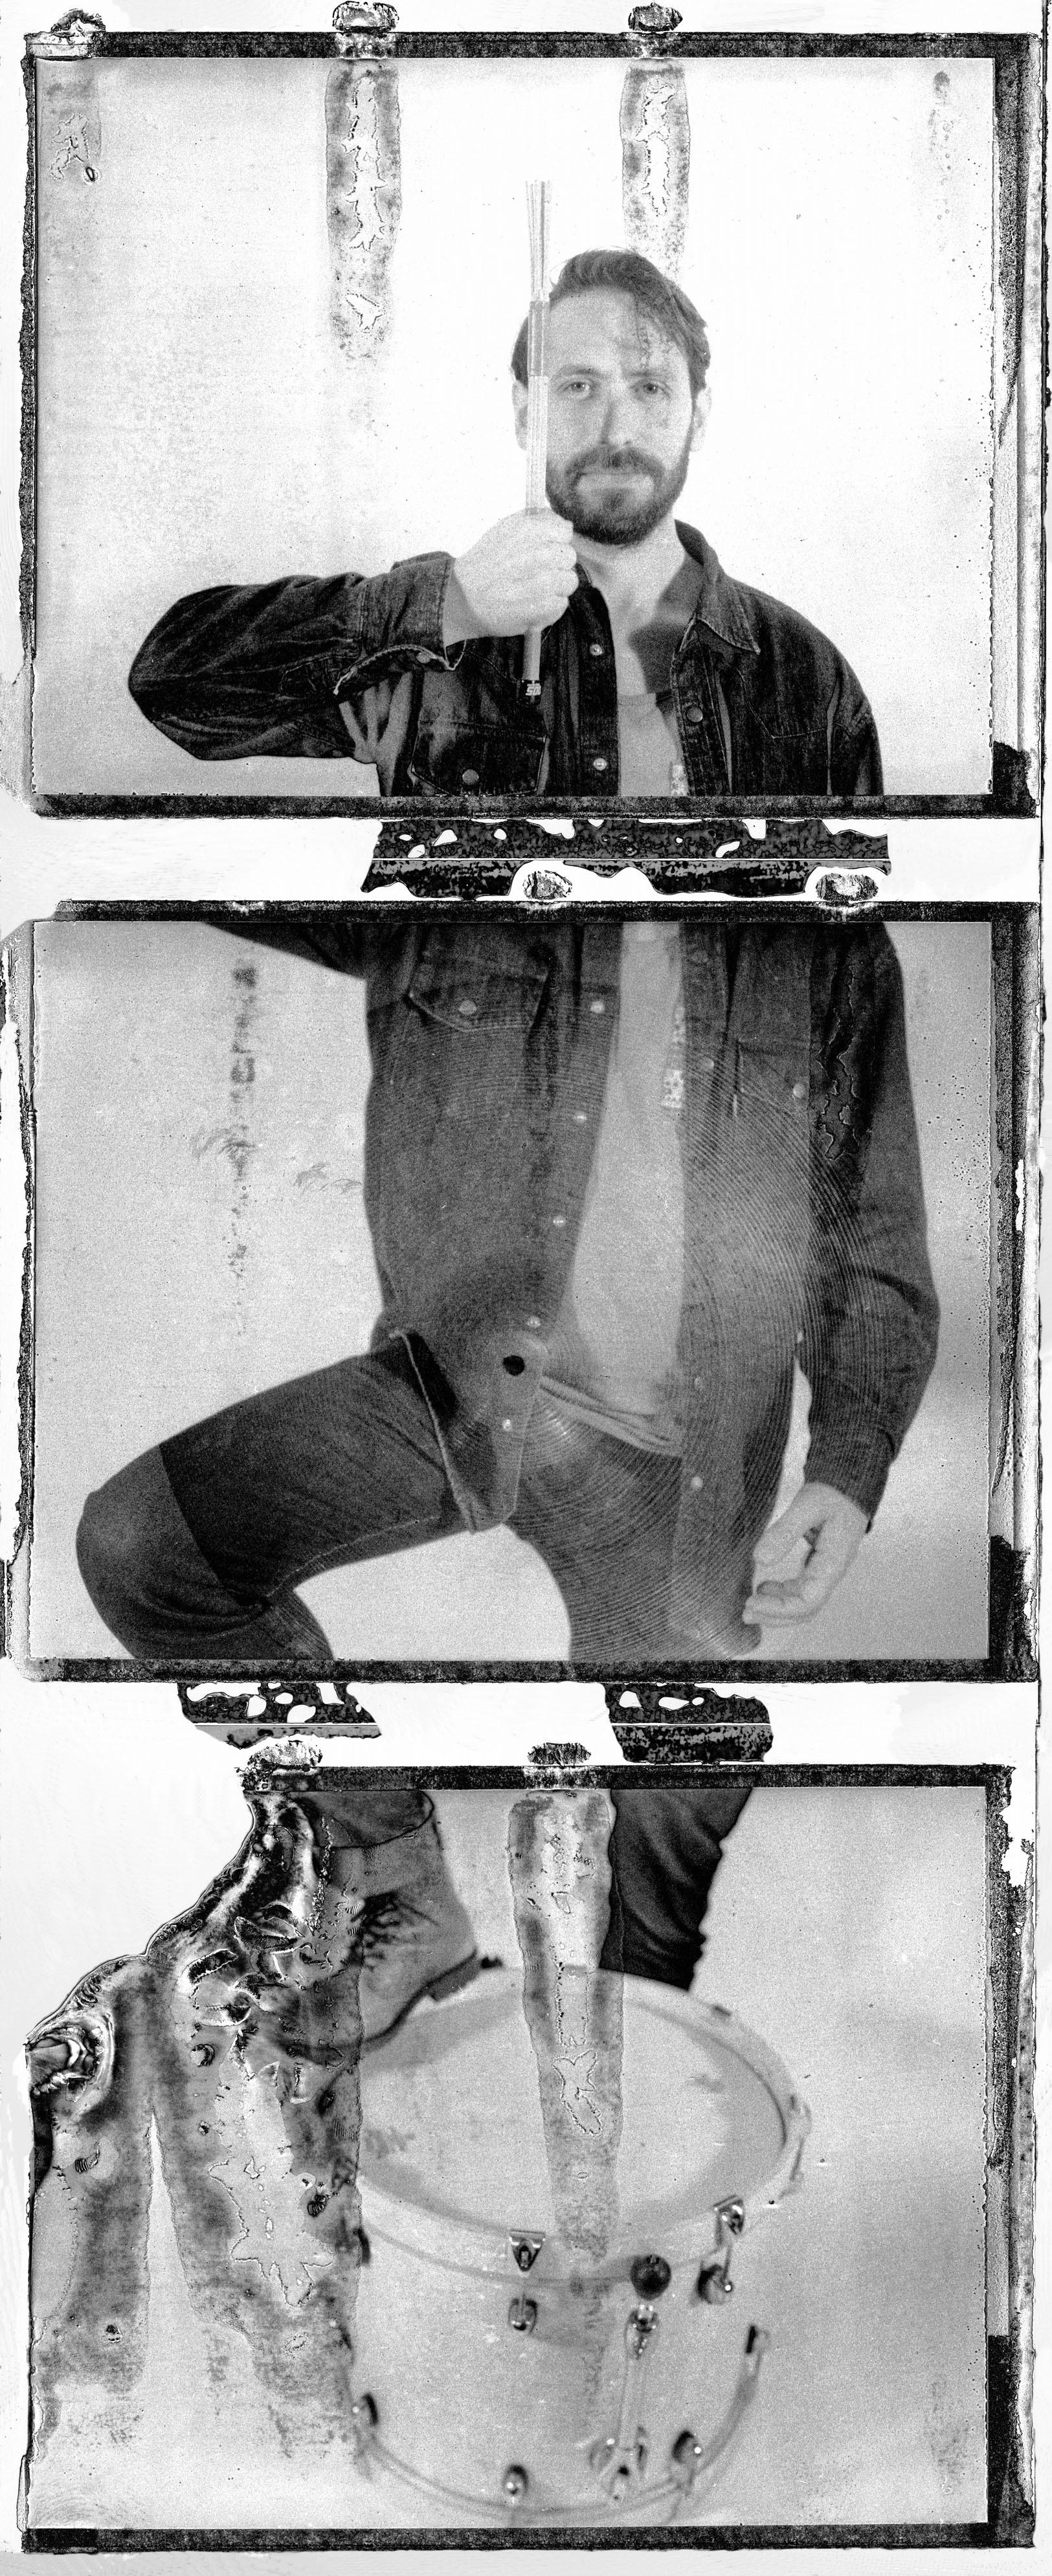 antonios polaroid collated 1 copy (2).jpg